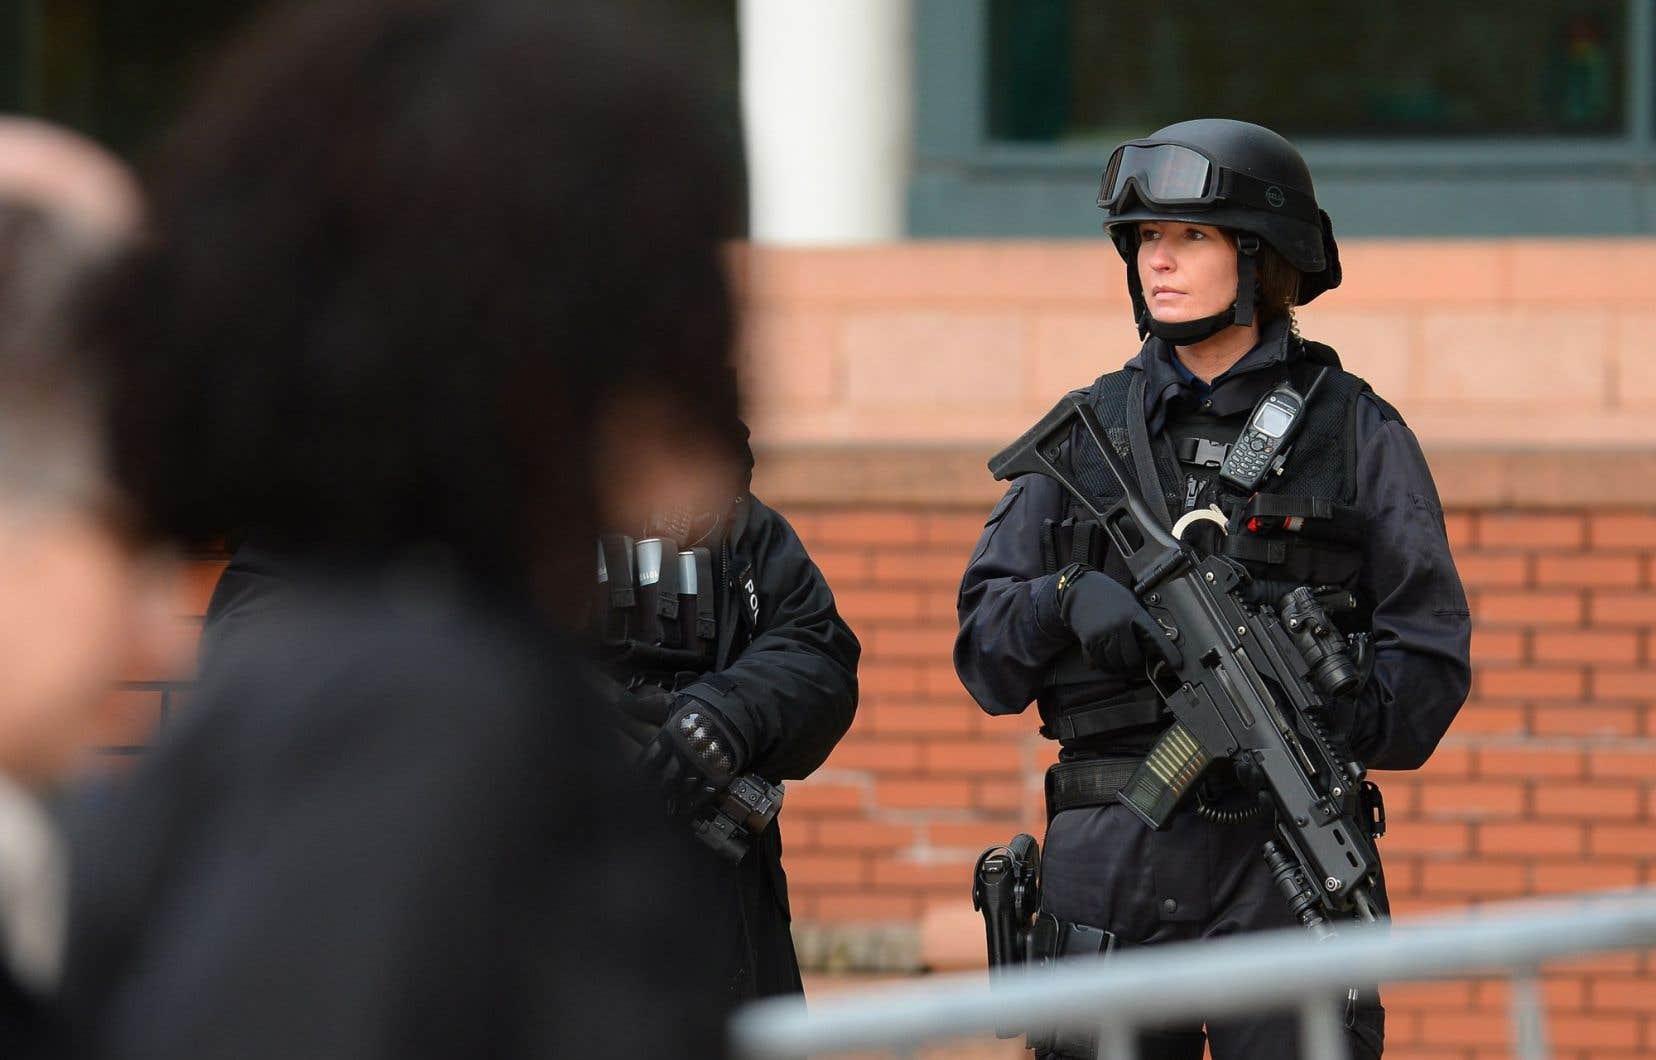 « La menace n'a jamais été aussi élevée », argumente la ministre de l'Intérieur, Theresa May, trois mois après le relèvement du niveau d'alerte de sécurité à grave.